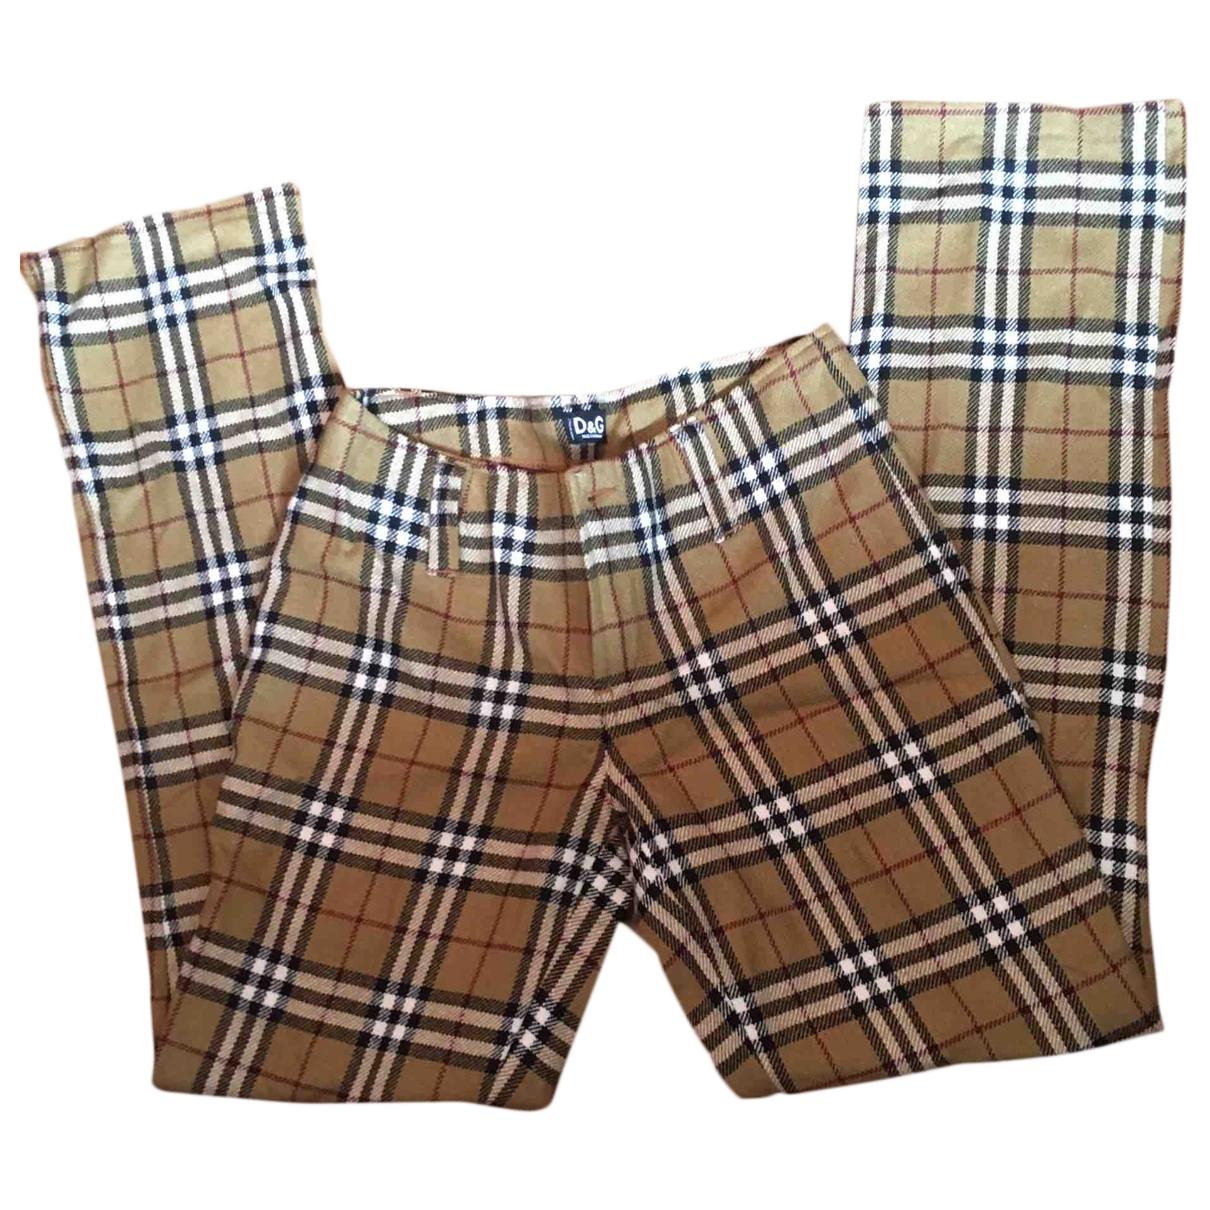 D&g \N Multicolour Wool Trousers for Women 40 IT